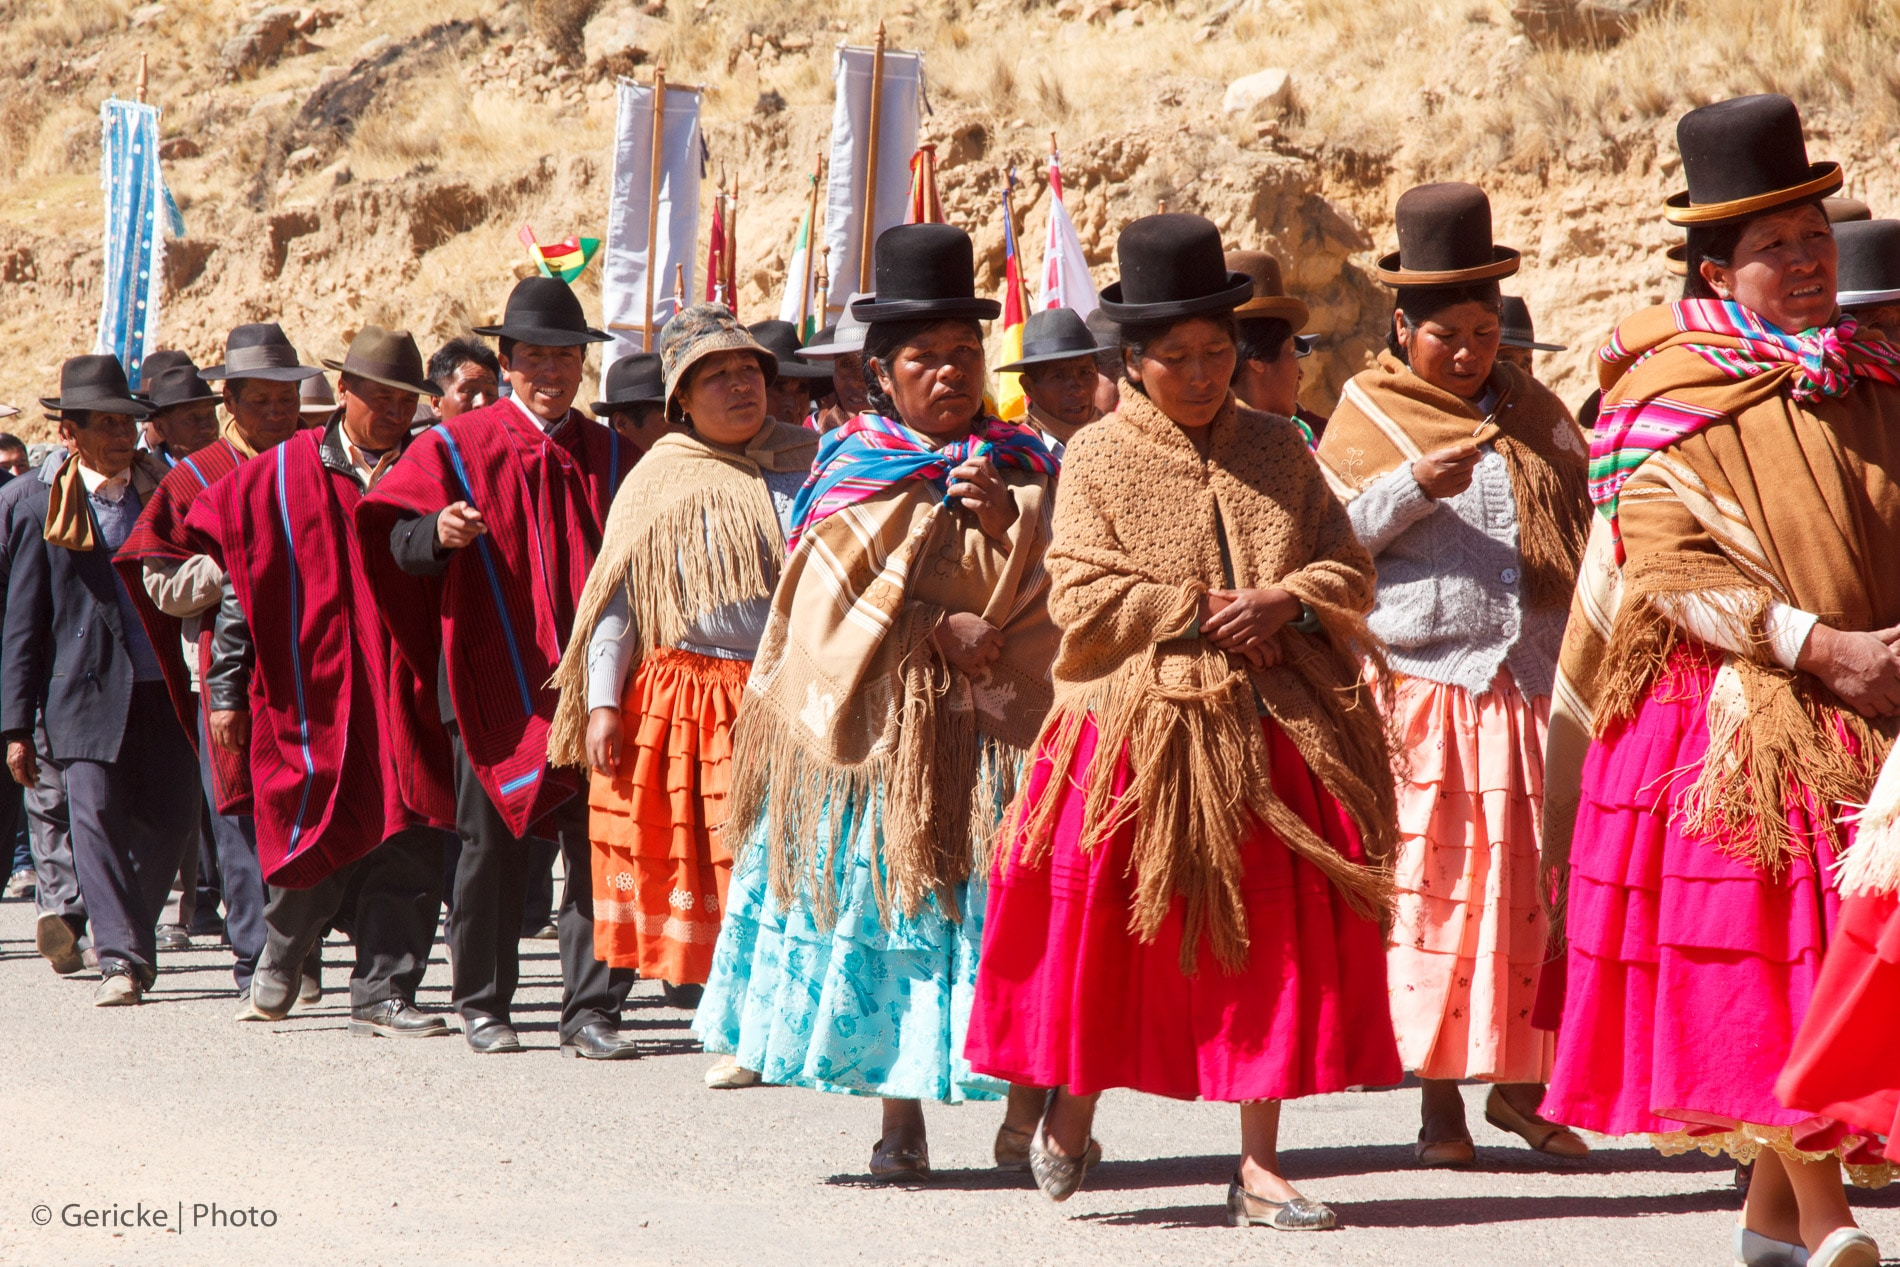 Procession, Bolivia